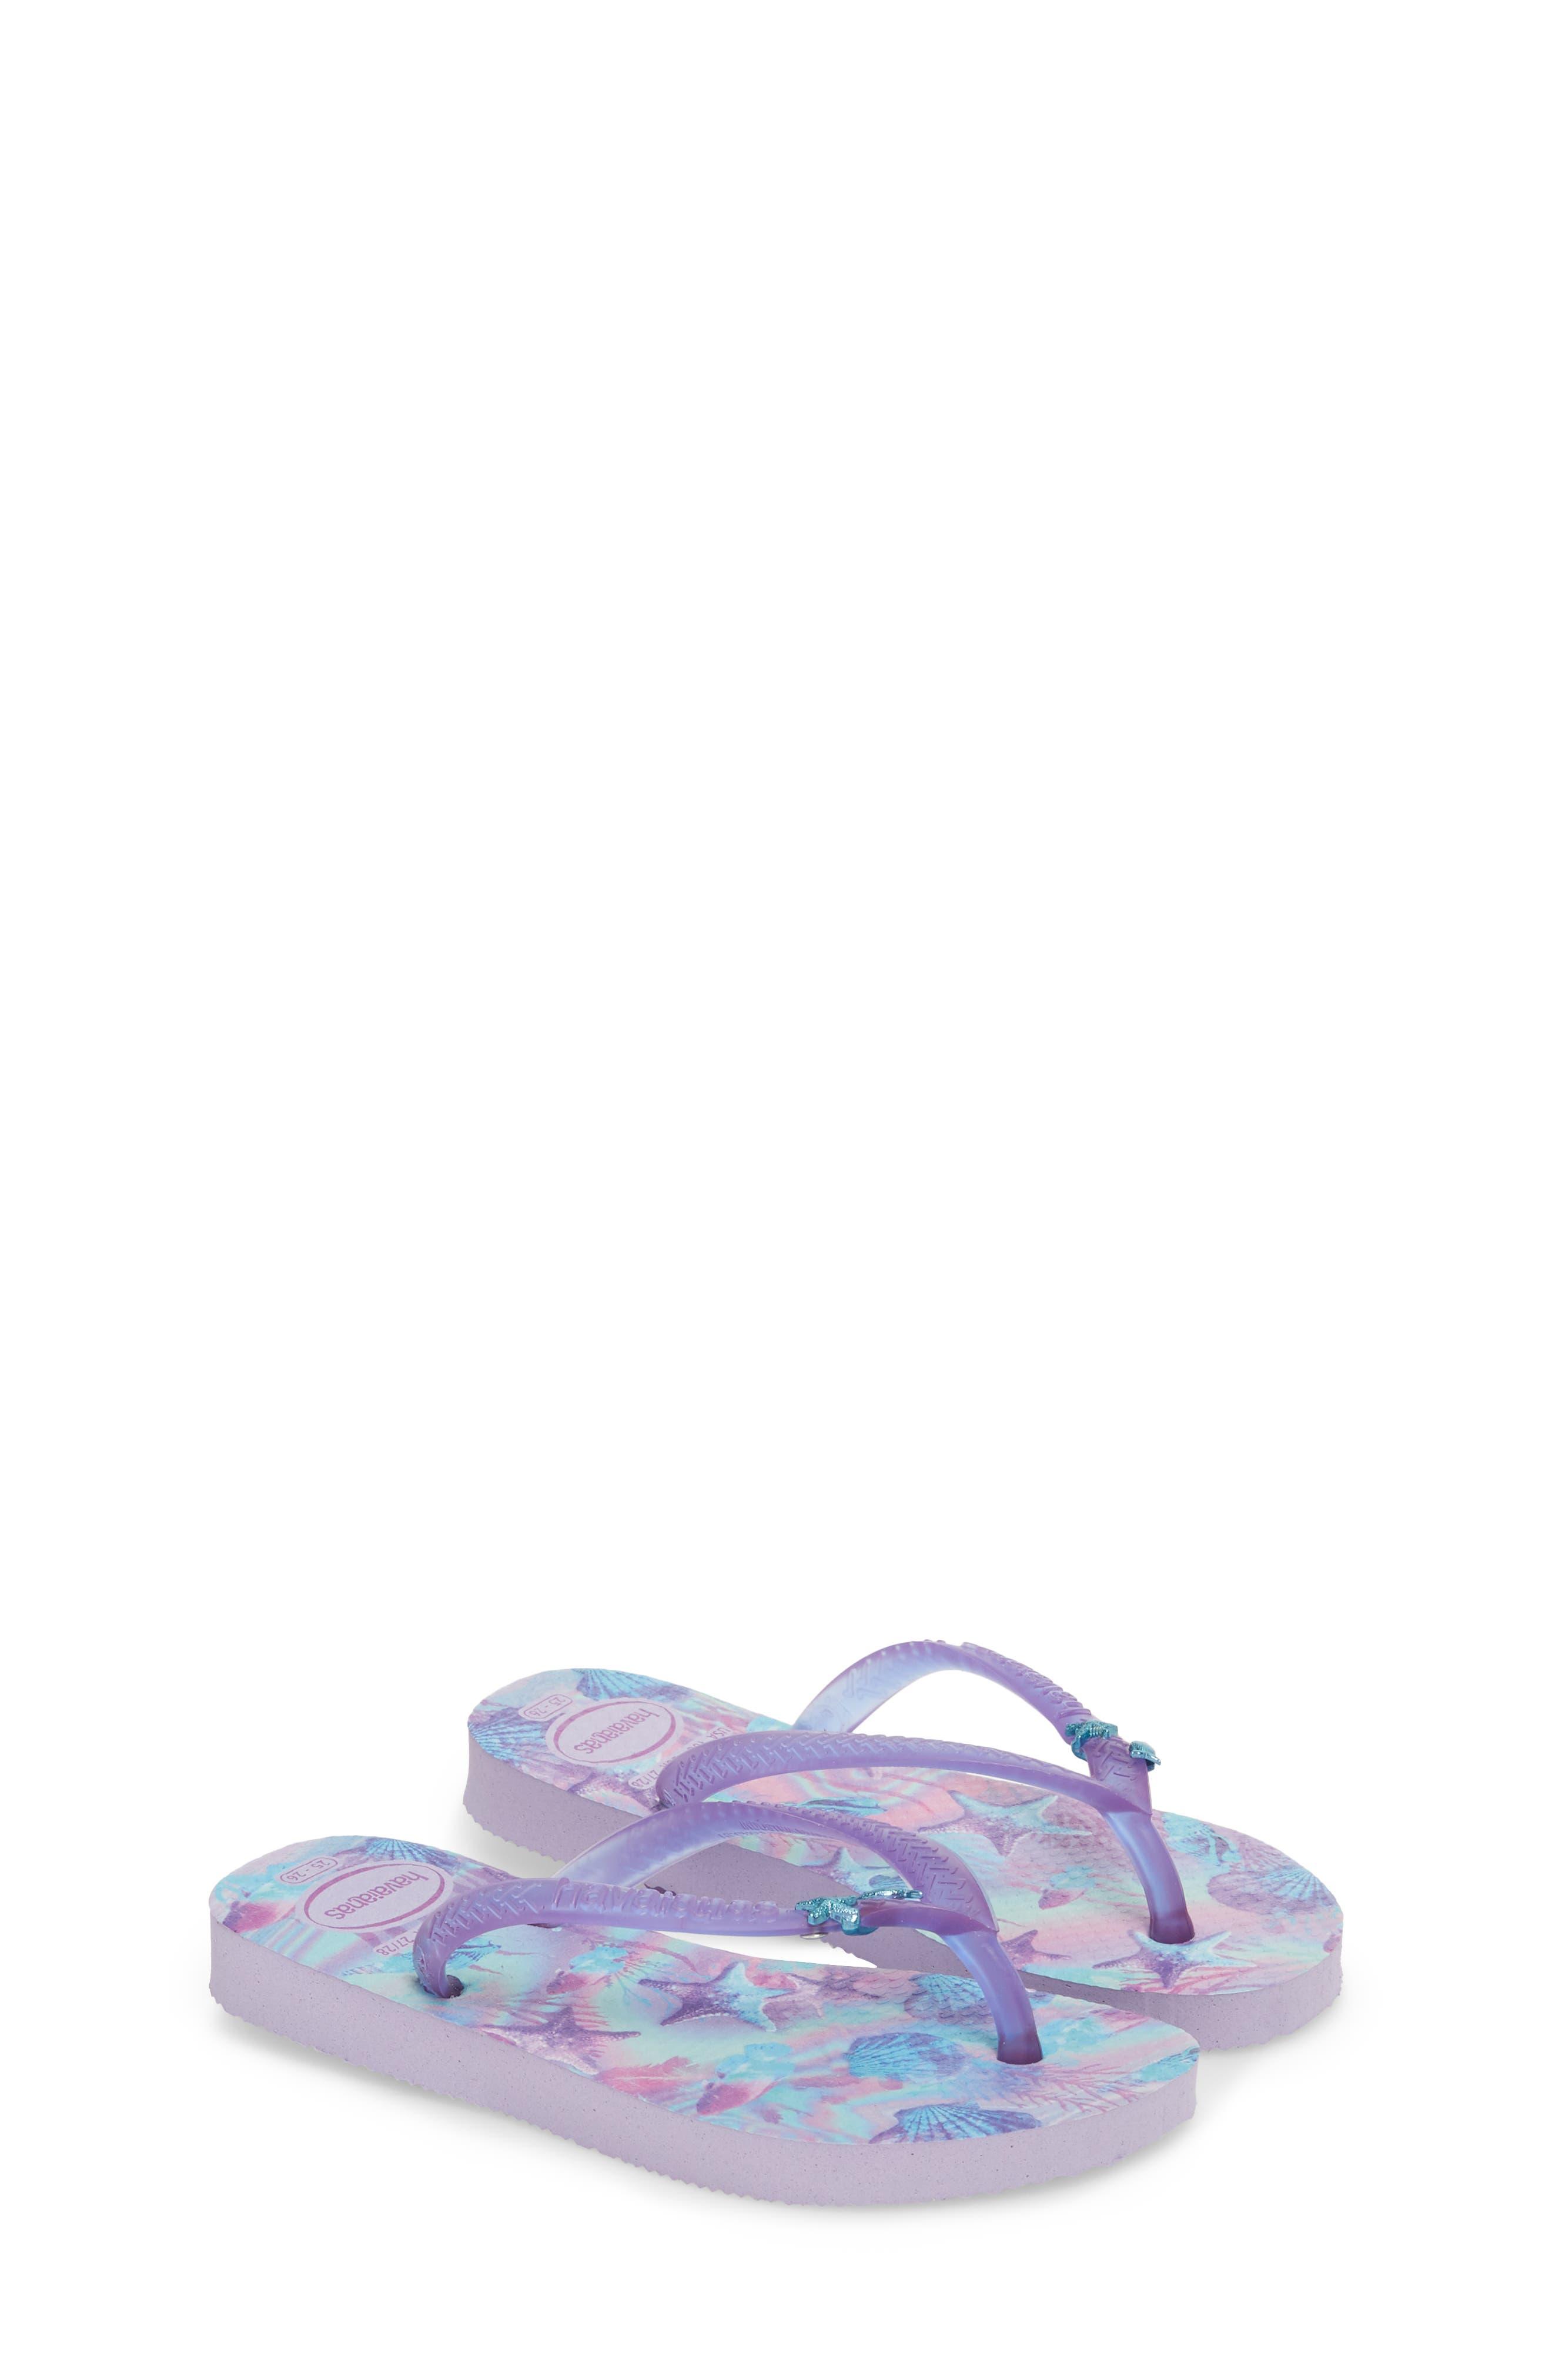 Havianas Slim Summer Flip Flop,                             Alternate thumbnail 2, color,                             501